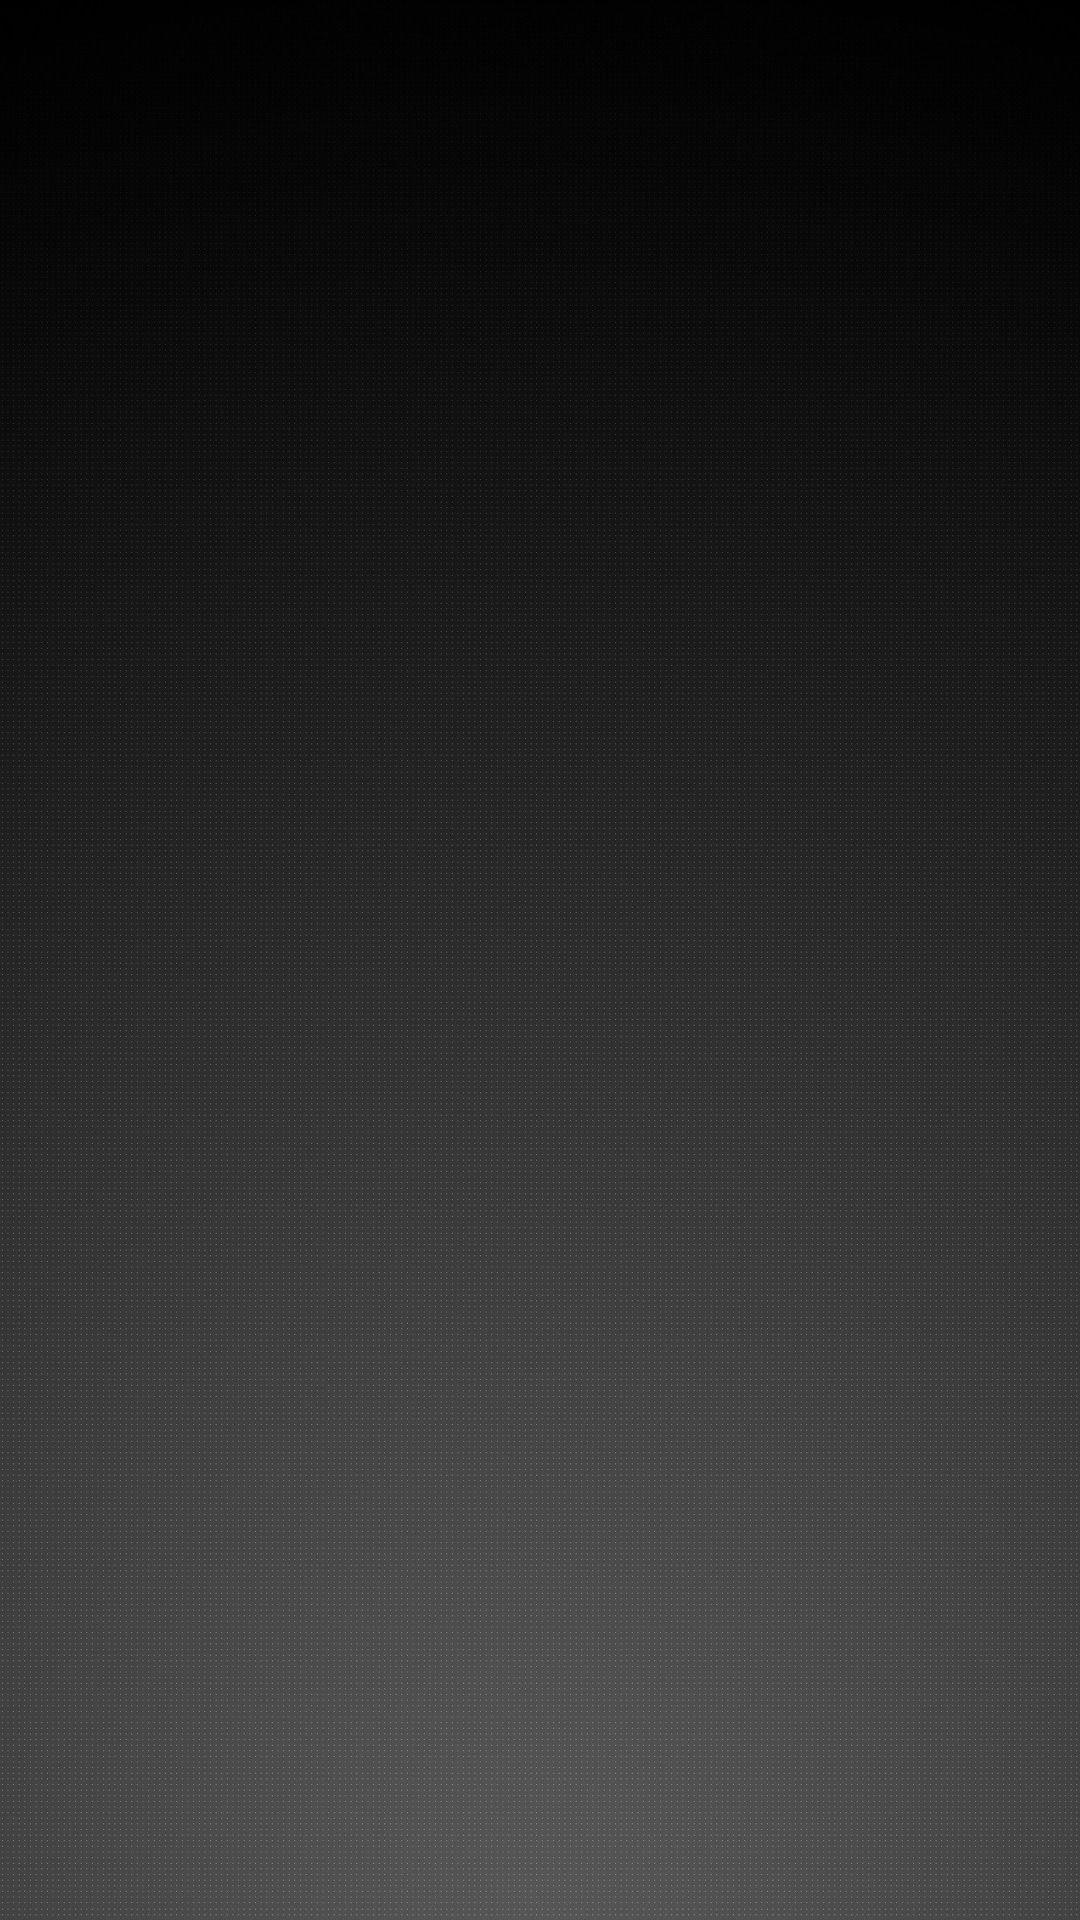 Dark Gray Wallpapers - Top Free Dark Gray Backgrounds ...